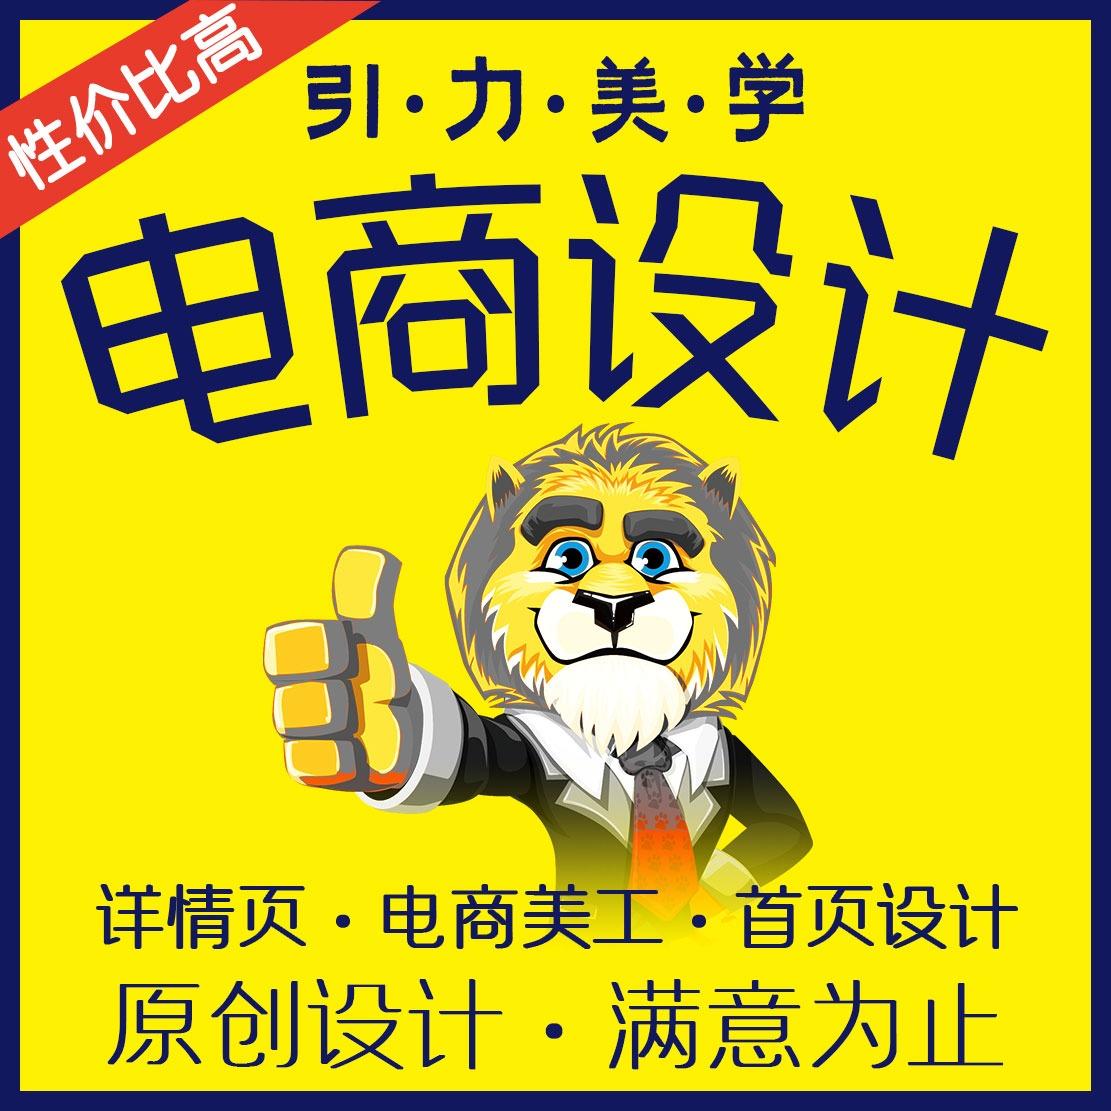 淘宝天猫京东拼多多店铺主页详情页海报设计